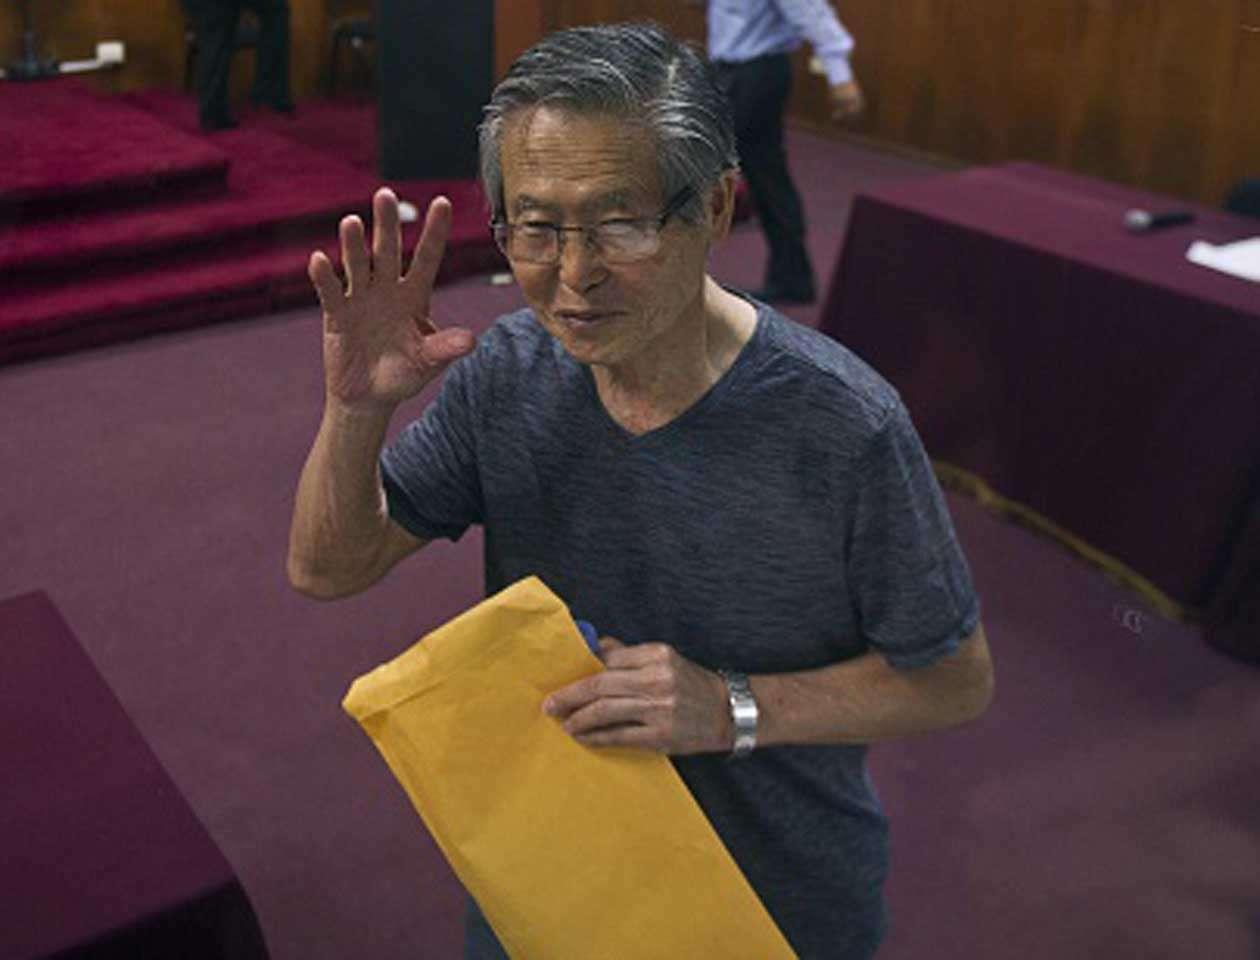 Tras la lectura de la sentencia, Fujimori, que lucía relajado, dijo al panel de jueces que se considera inocente y que por ello apelaría la condena Foto: ERNESTO BENAVIDES/AFP